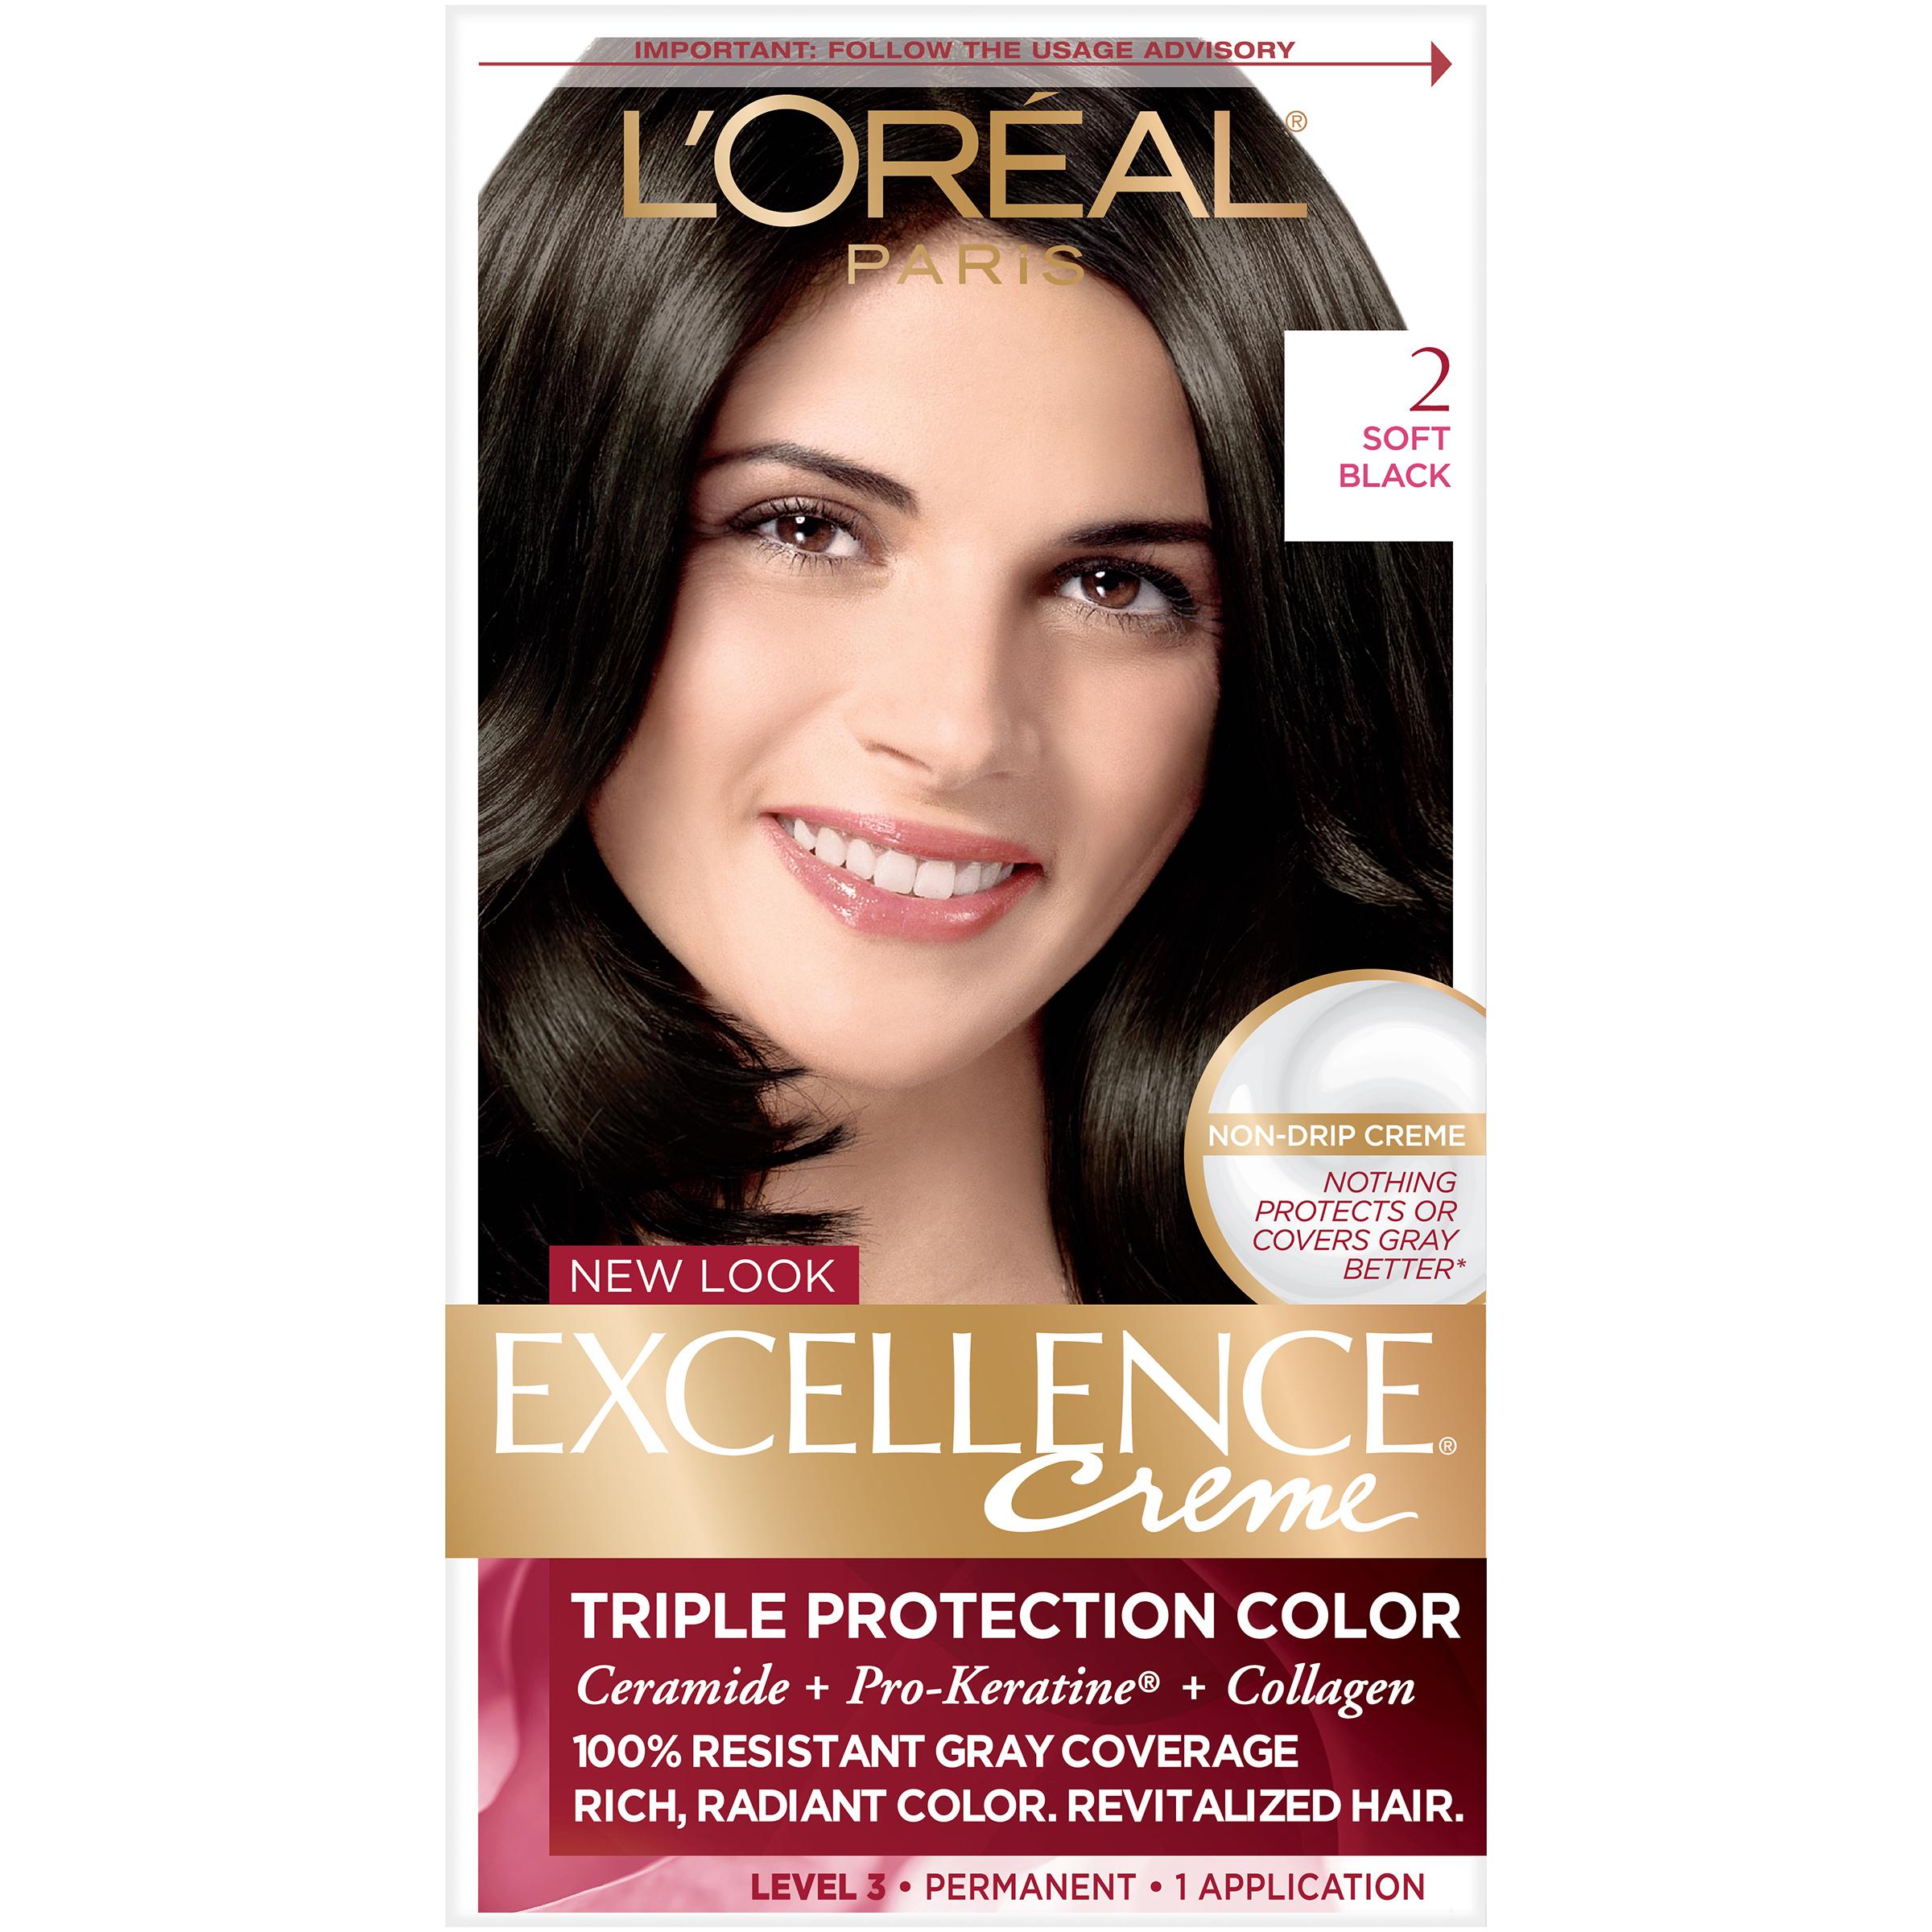 L'Oral Paris Excellence Crme Permanent Hair Color